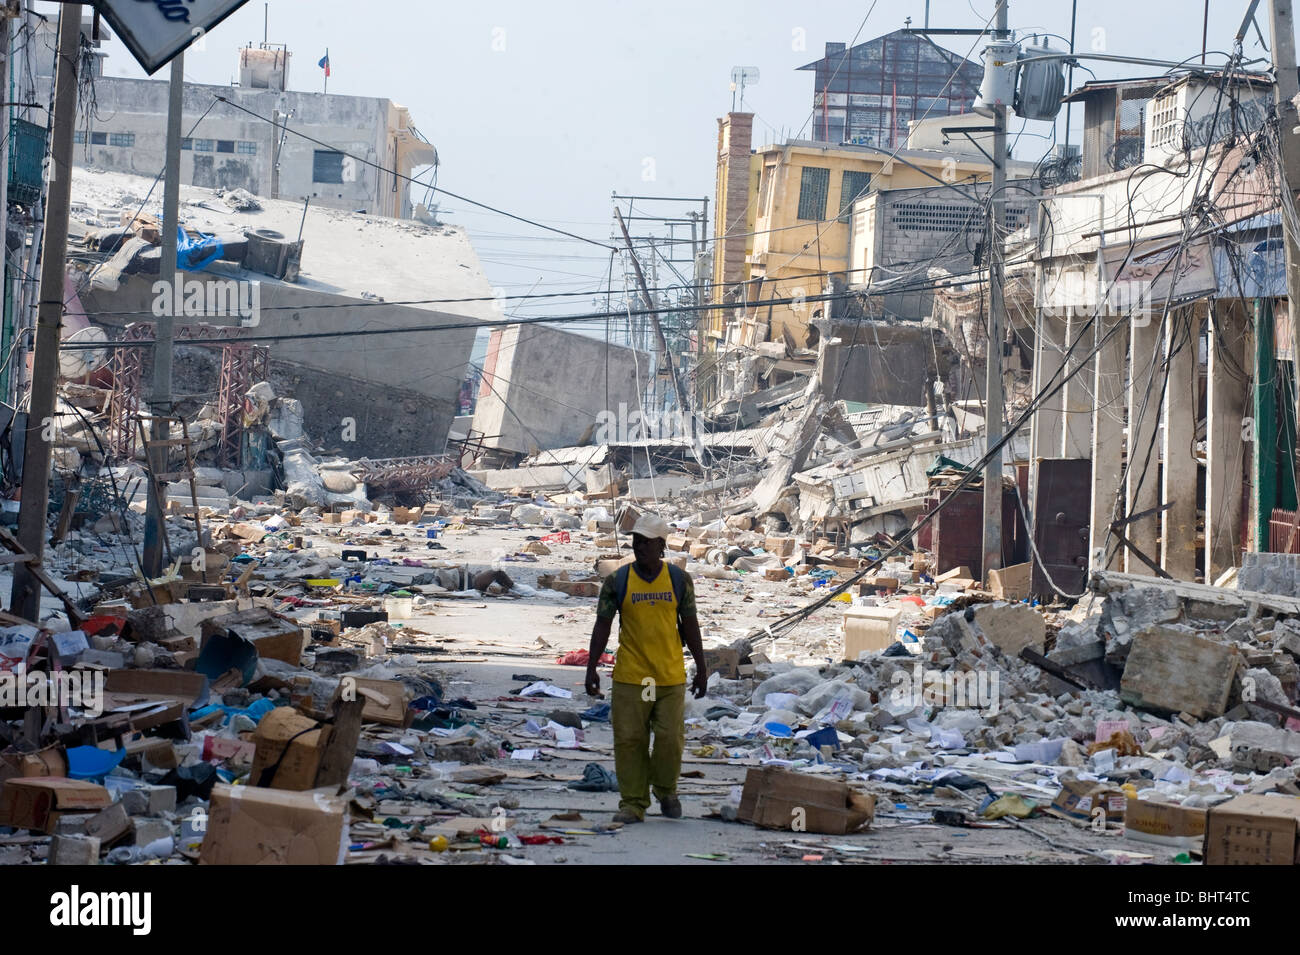 Zerstorte Hauptstadt Nach Einem 7 0 Mw Erdbeben Haiti Am 12 Januar Katastrophale